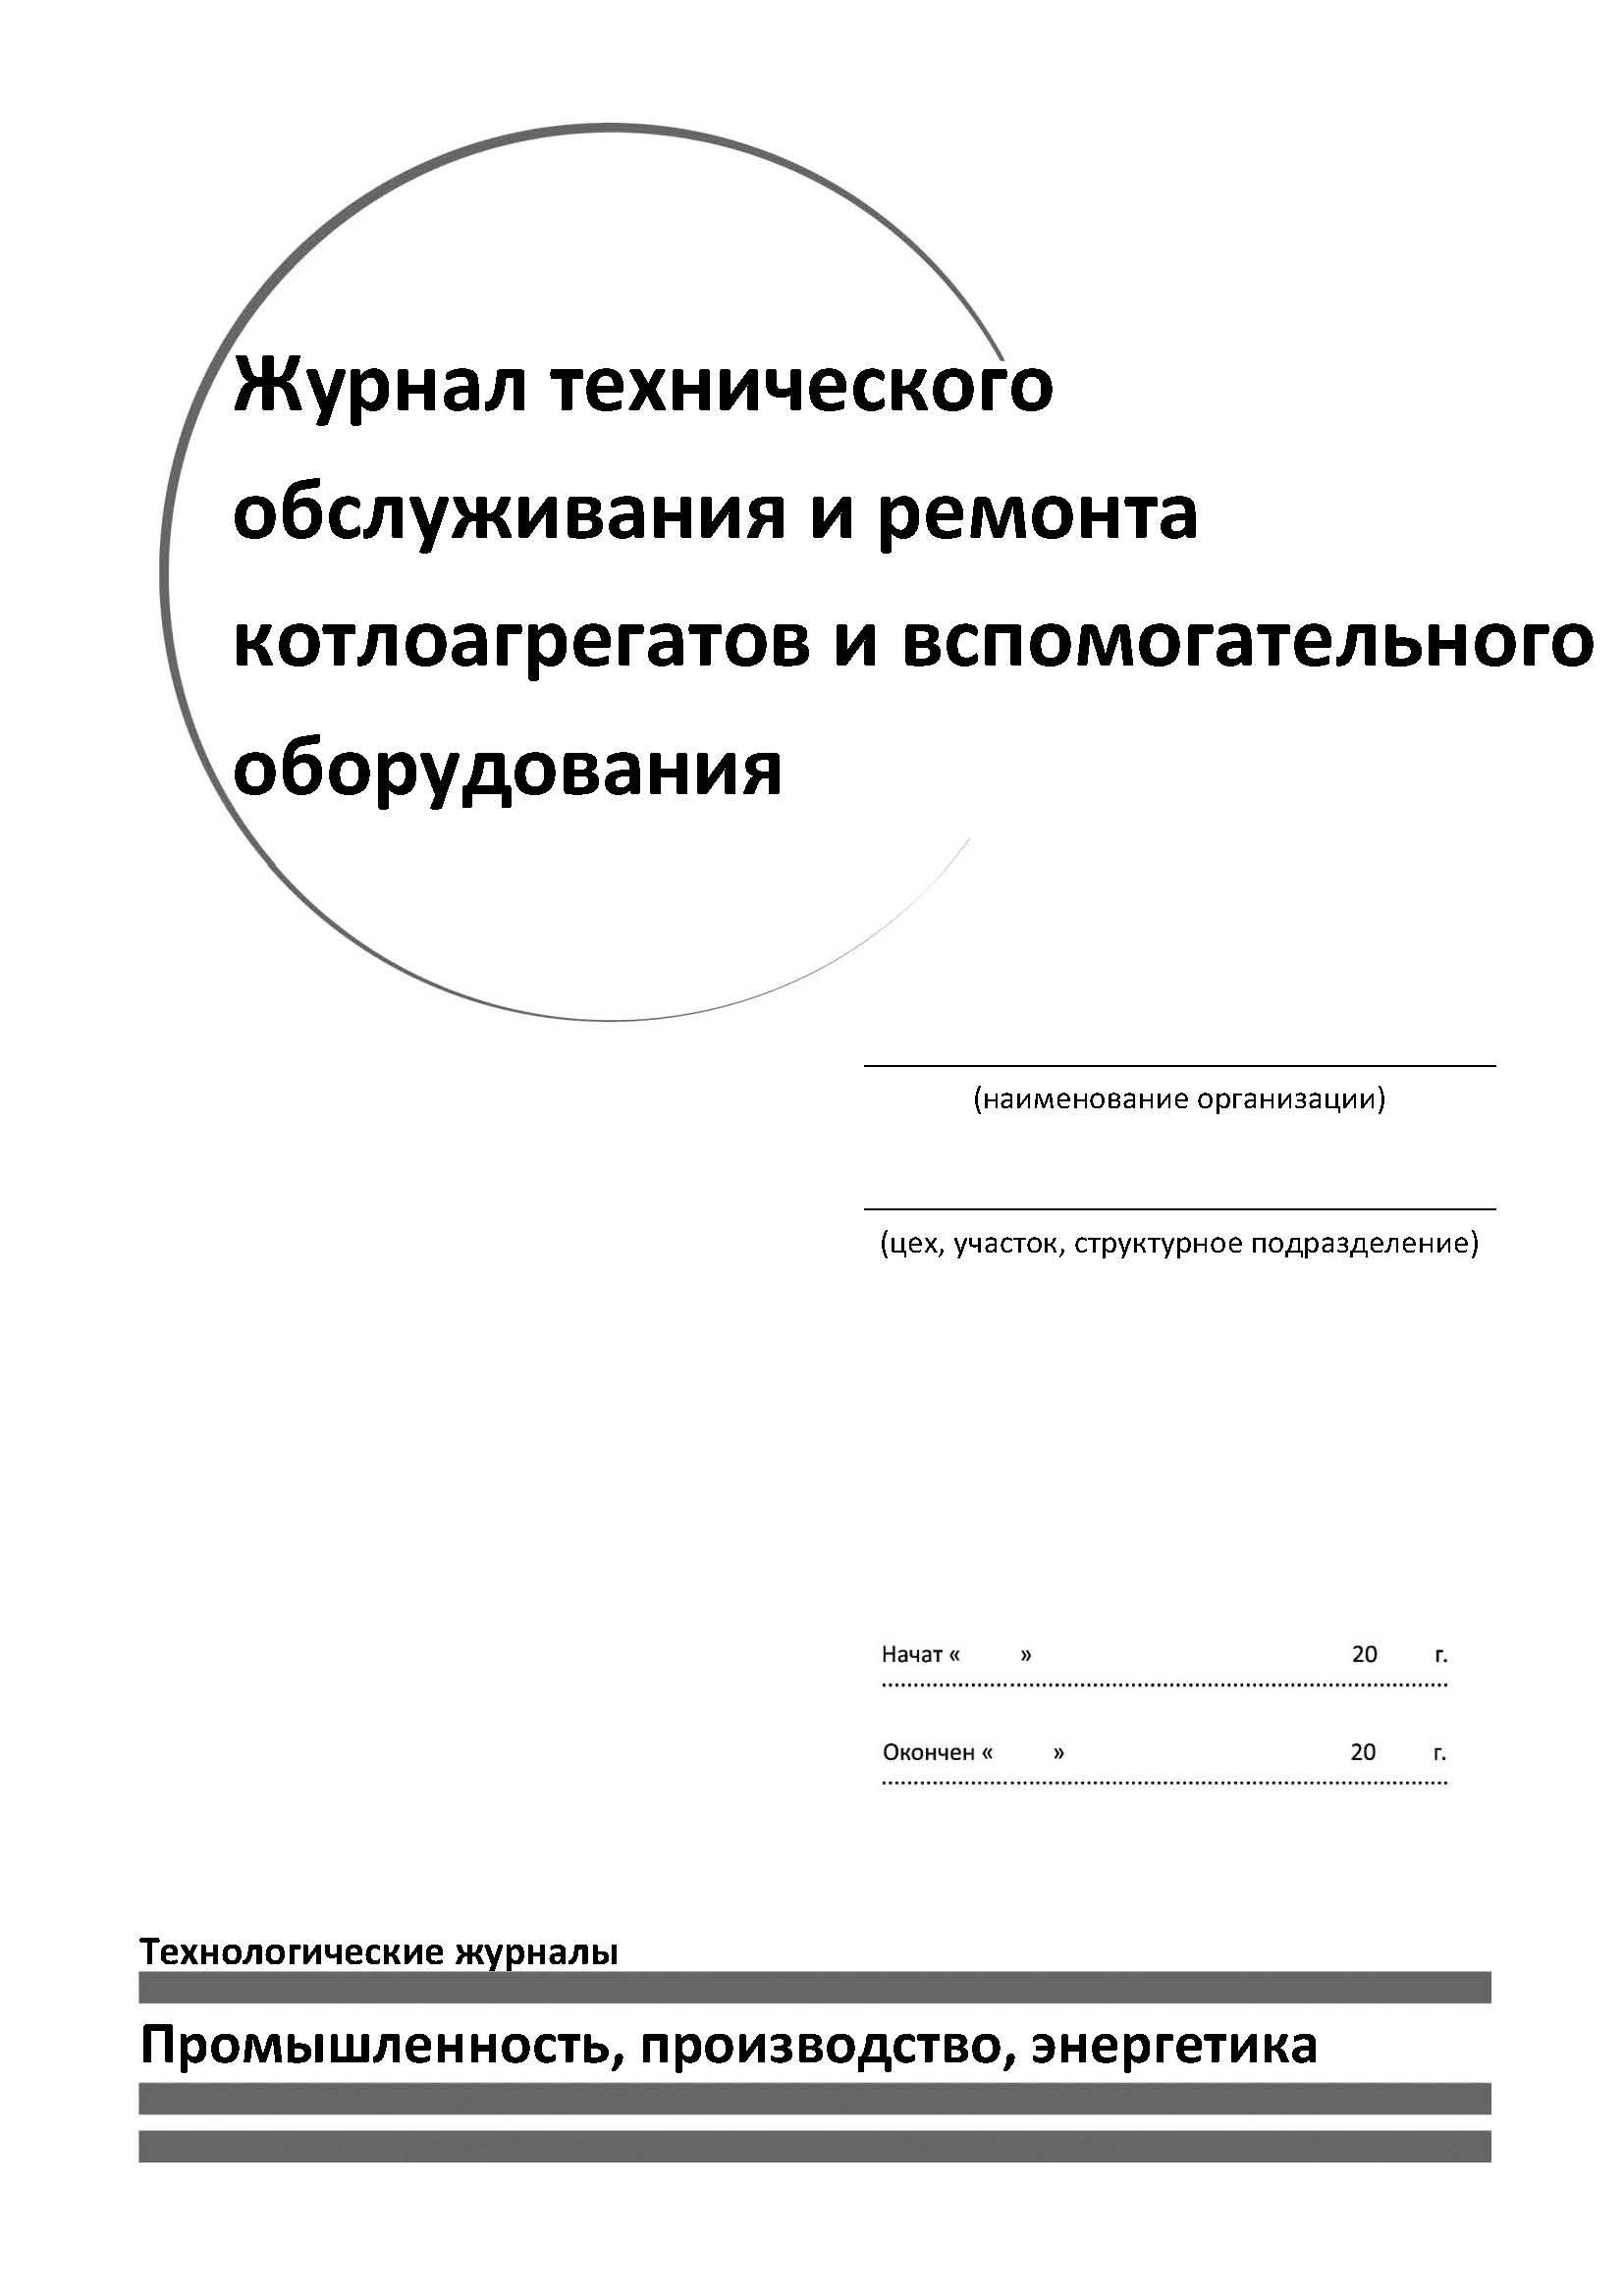 Изготовление технических журналов в Москве   фото 6